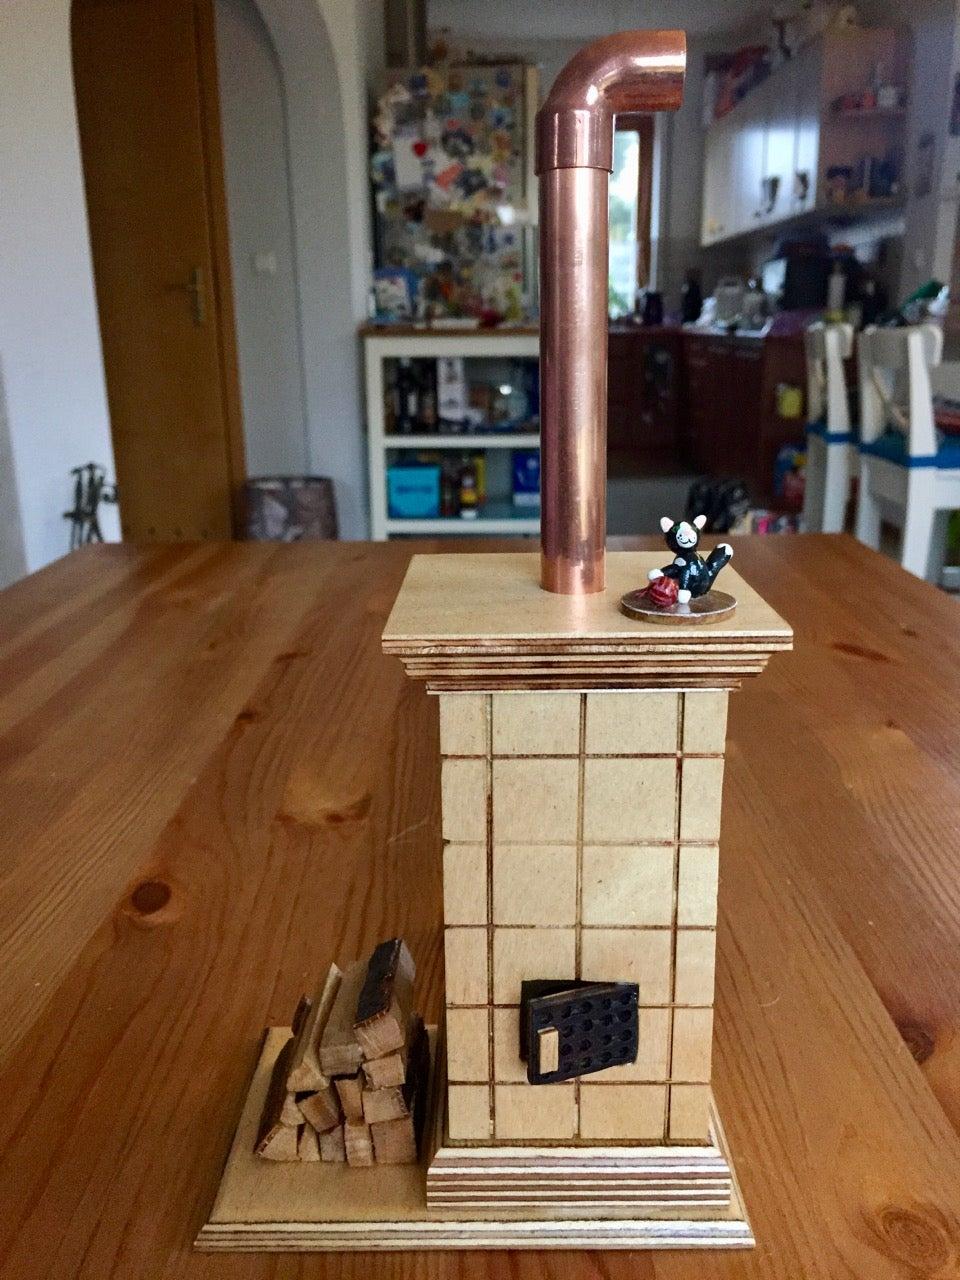 German Incense Smoker - Tiled Stove